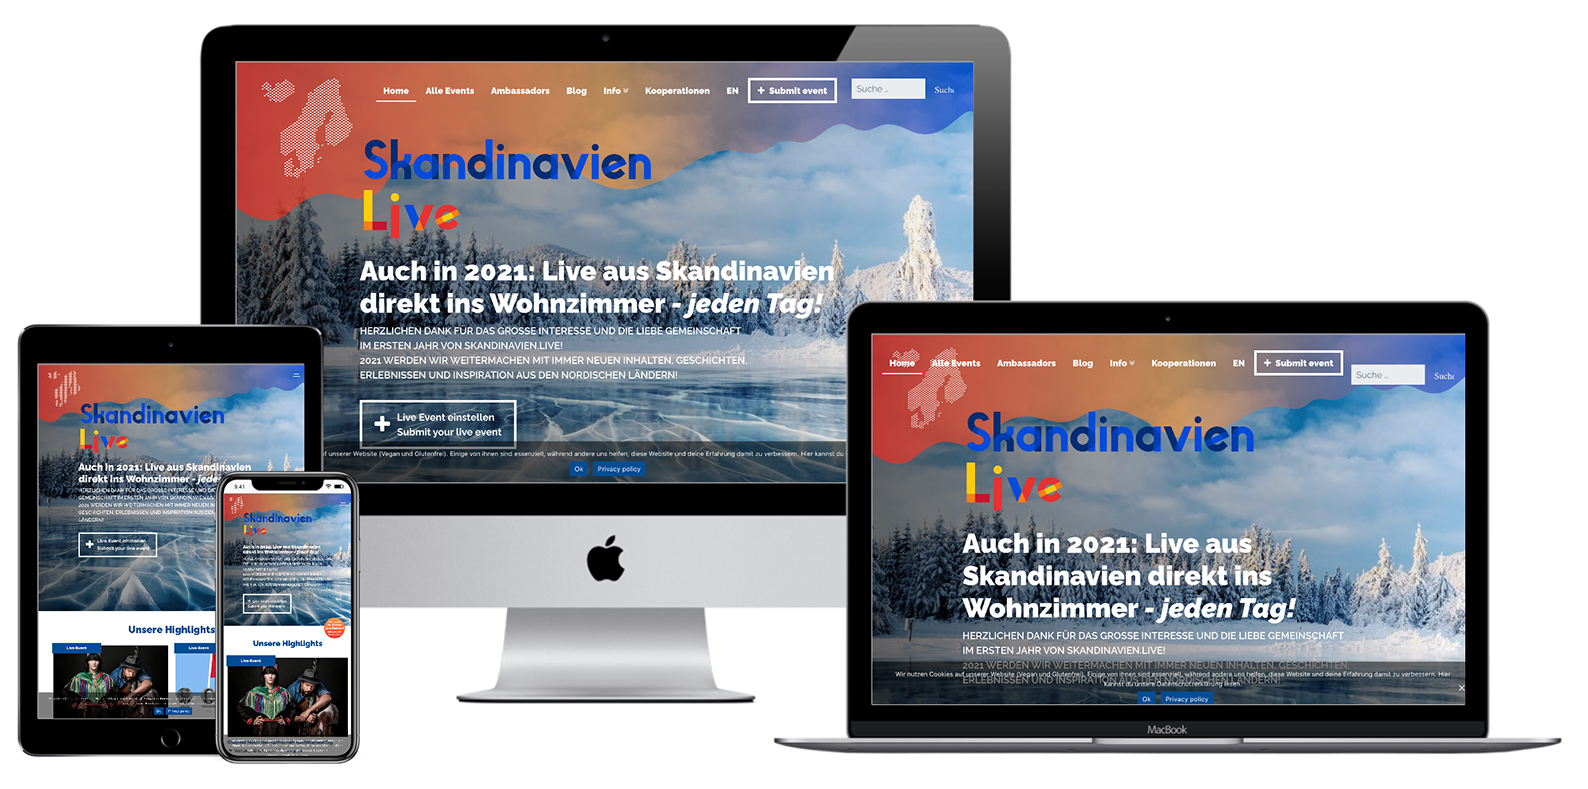 Skandinavien.live - Verkkosivu kuvattu eri laitteilla